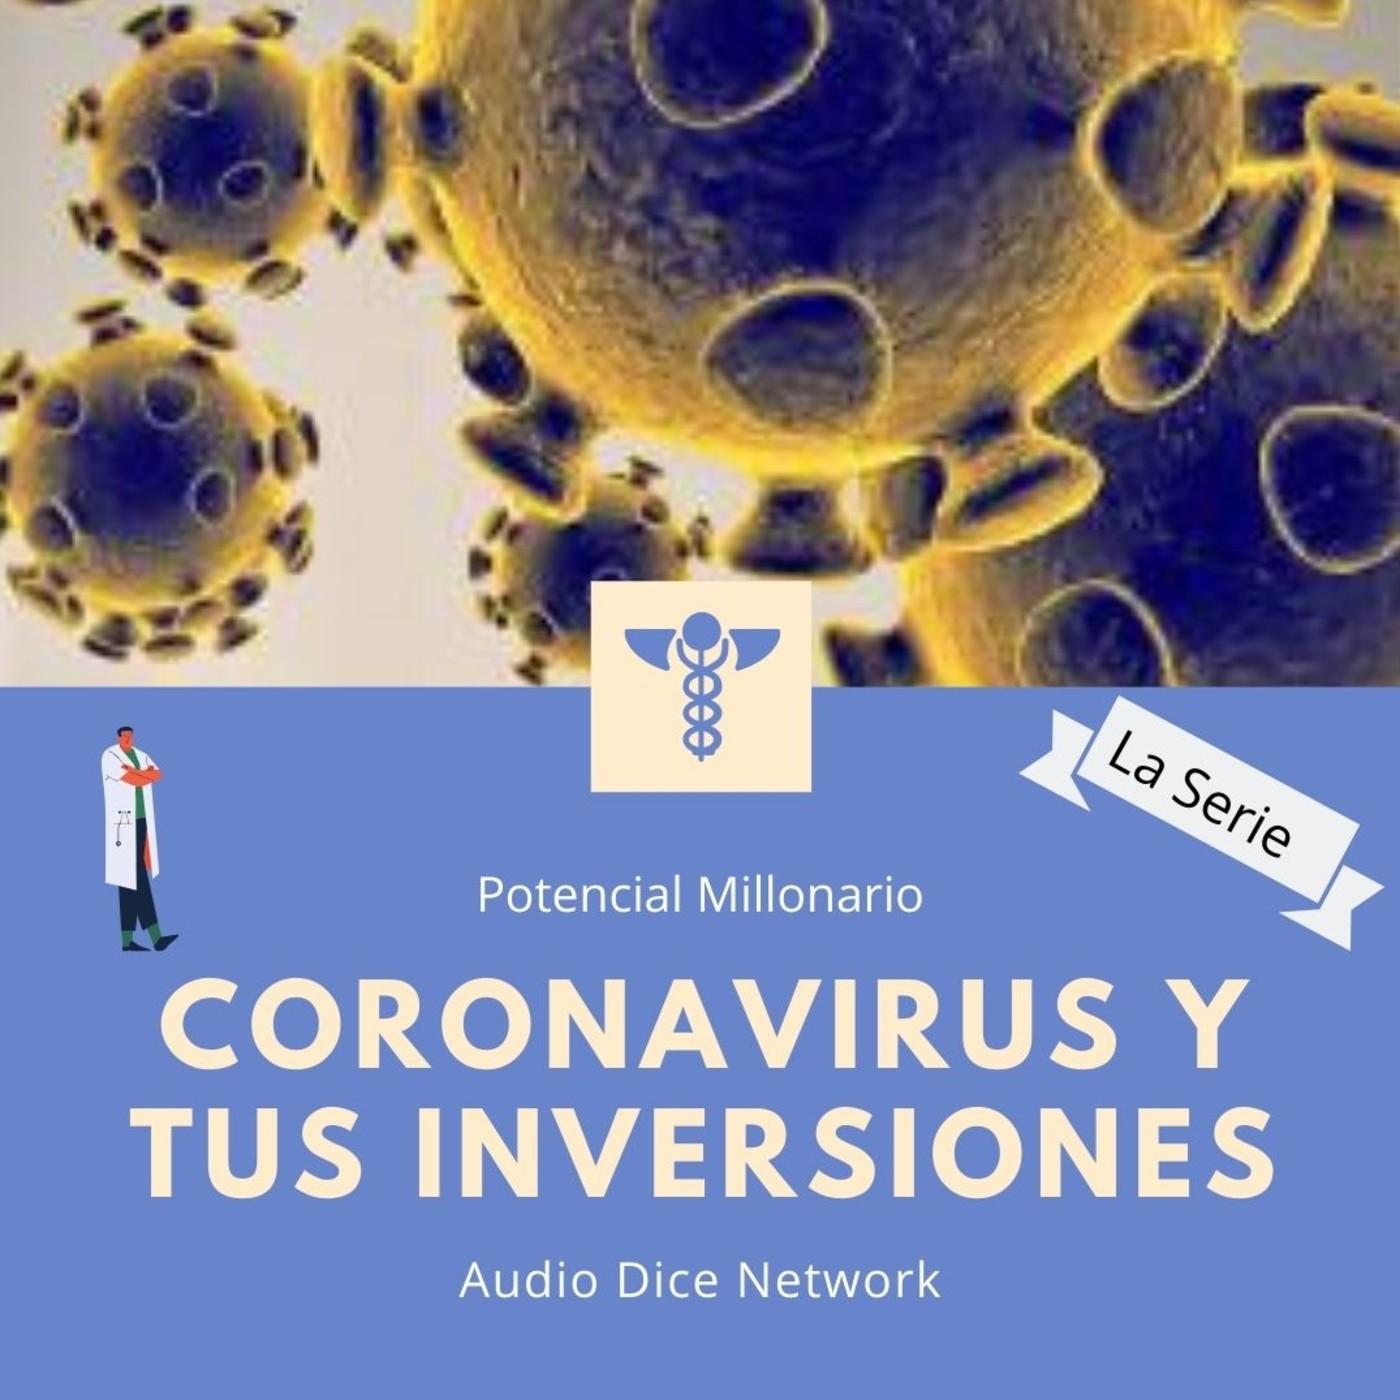 Coronavirus y tus inversiones en Potencial Millonario con Felix A. Montelara de Audio Dice Network